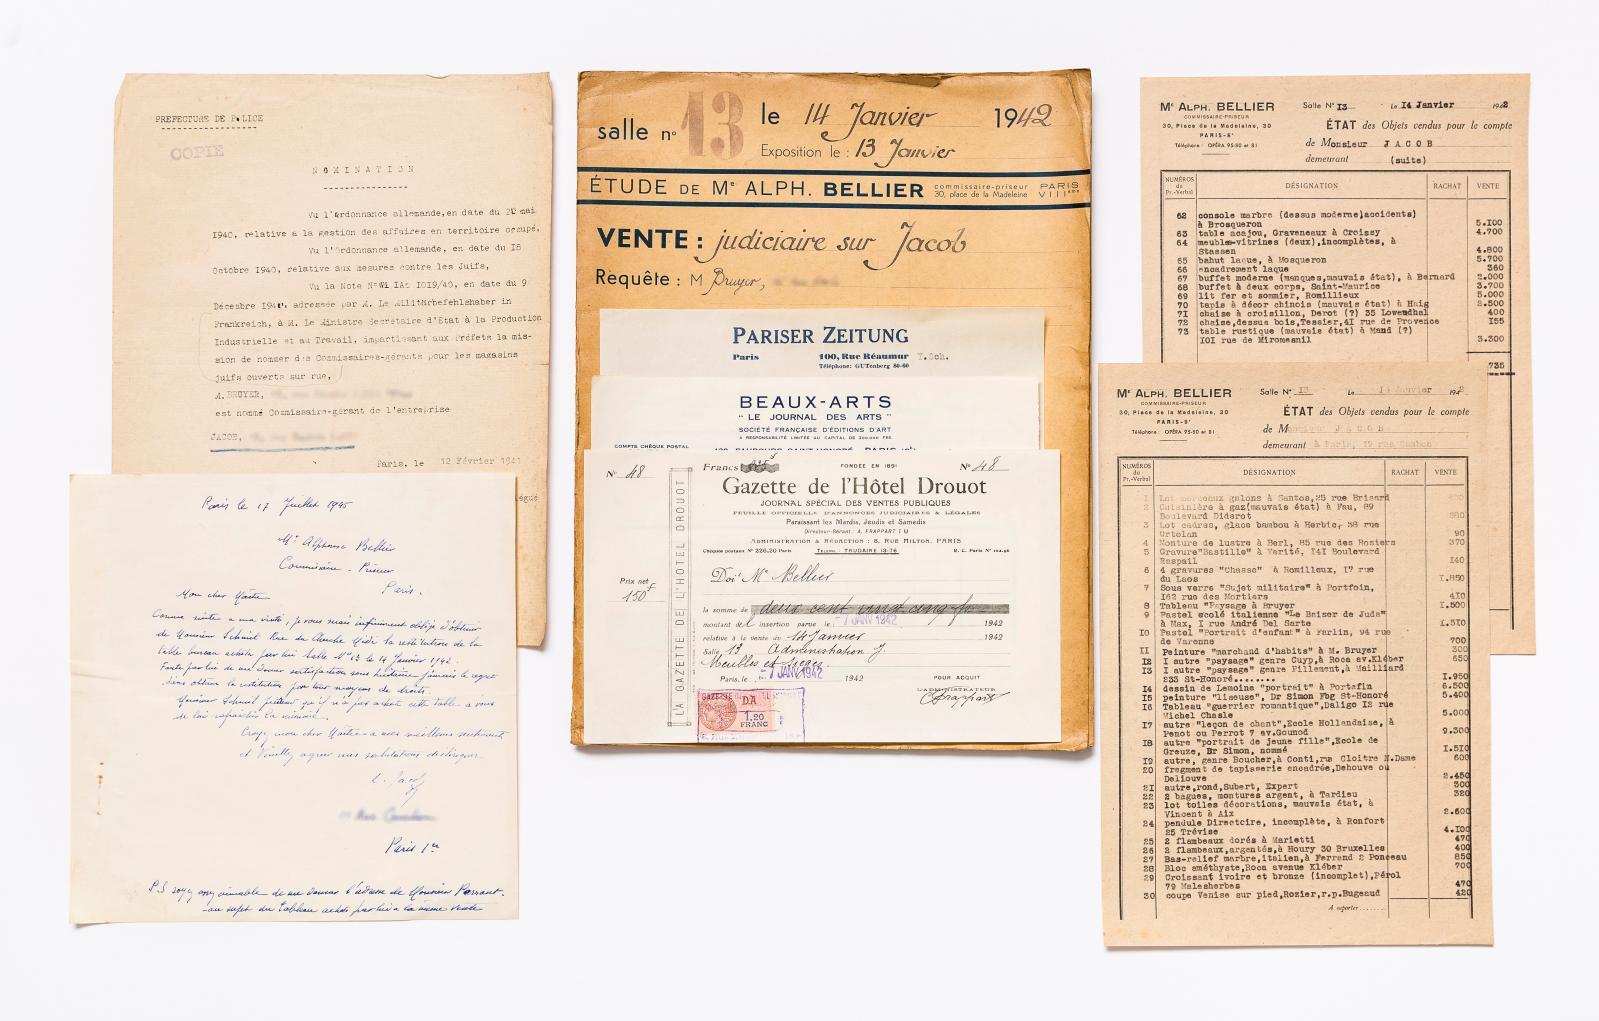 Dossier de la vente judiciaire Jacob, faite à Drouot le 14janvier 1942 par le commissaire-priseur Alphonse Bellier. Paris, Bibliothèque de l'Institut